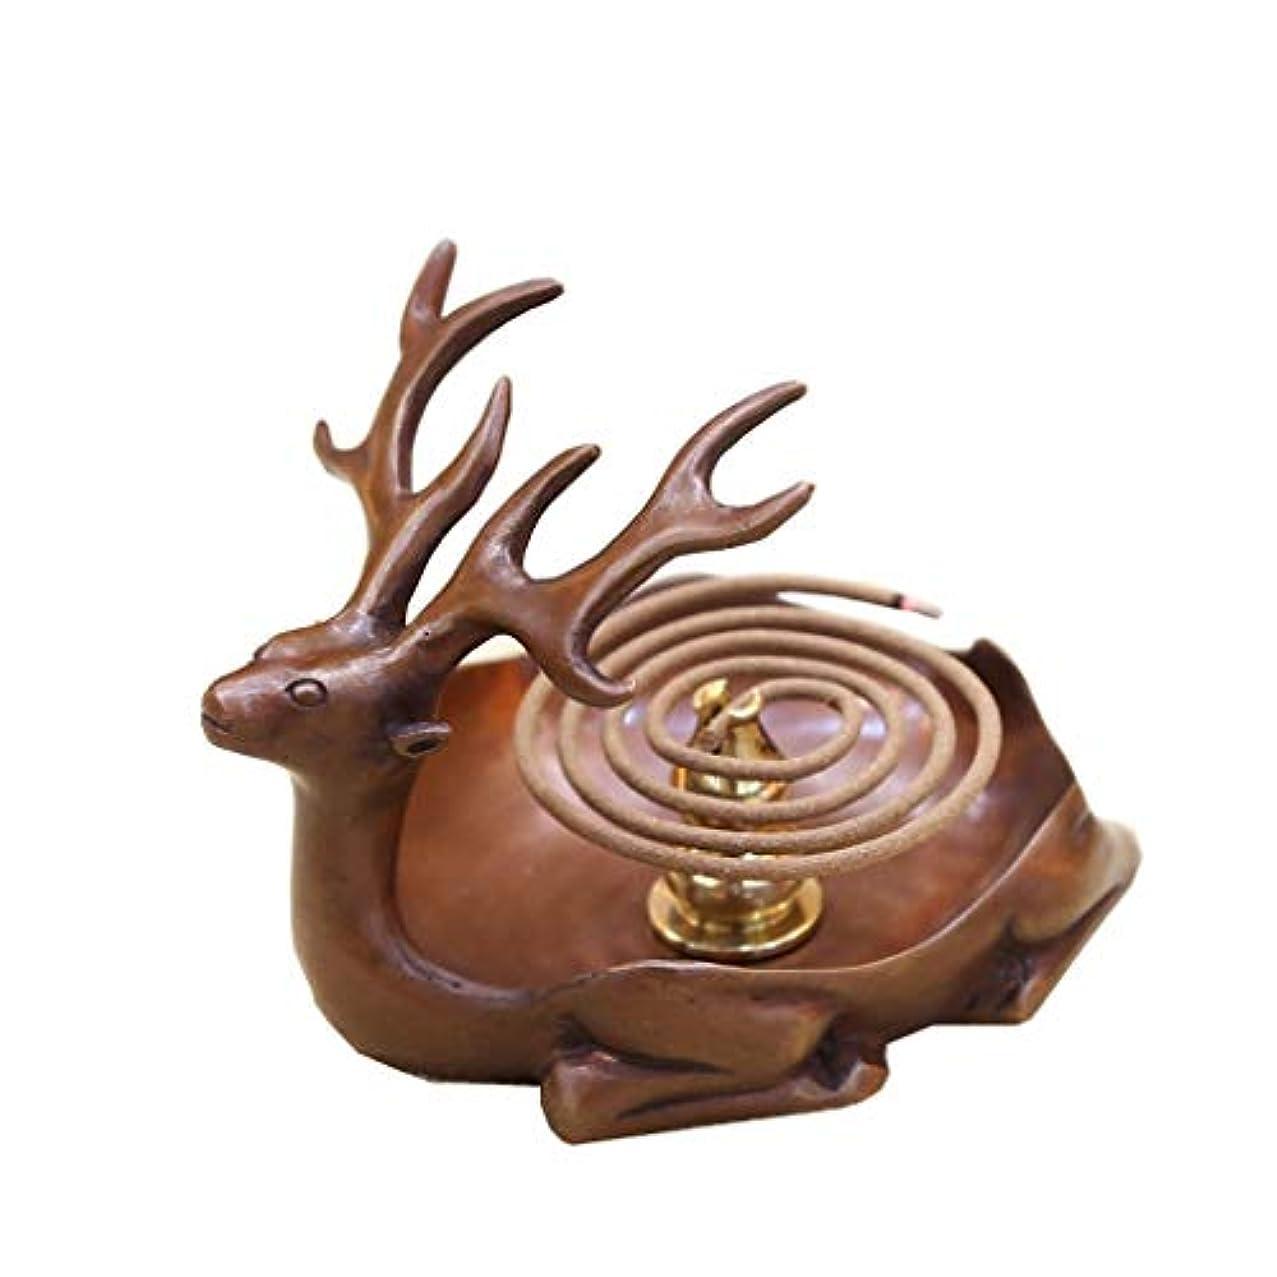 びんペダルシリンダーホームアロマバーナー 純粋な銅アンティーク子鹿香バーナーホーム屋内香ビャクダン茶セレモニー香バーナー装飾 アロマバーナー (Color : Brown)